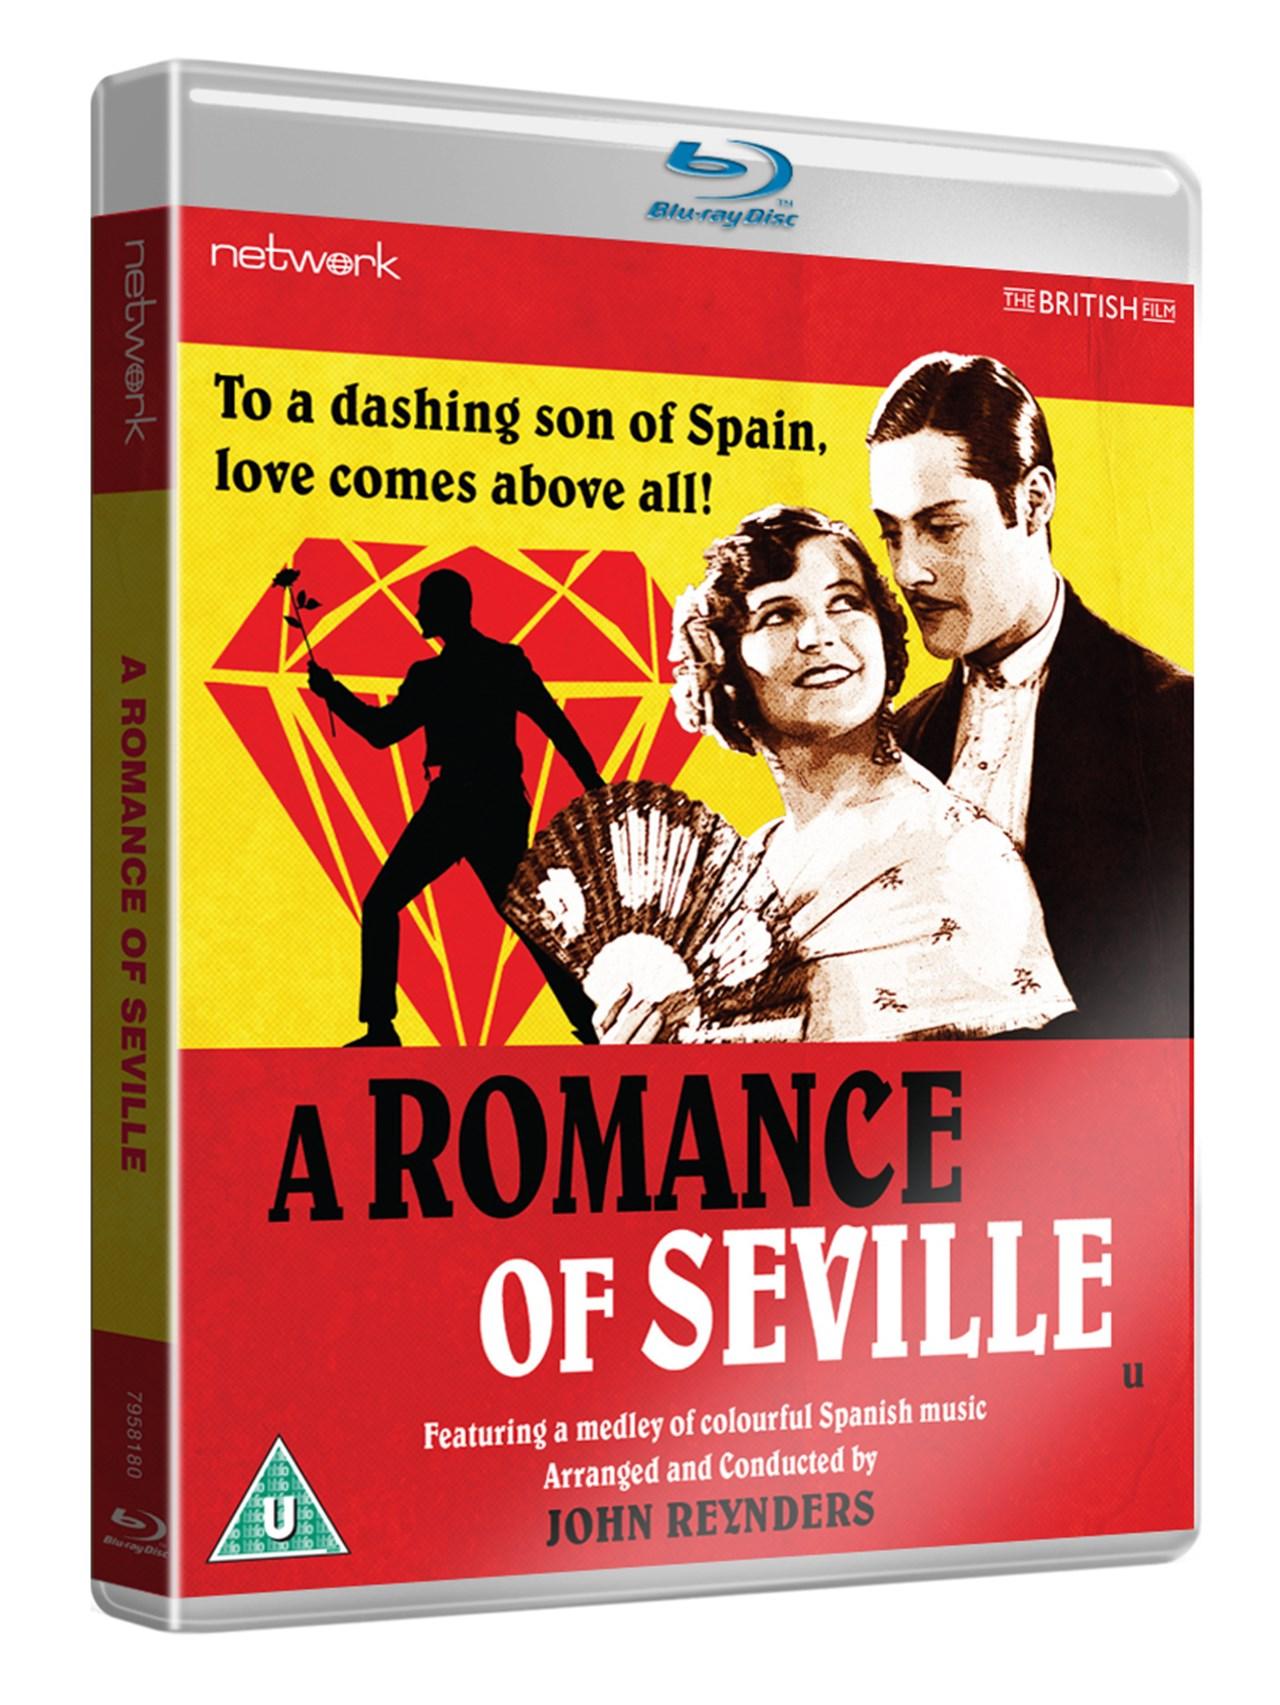 A Romance of Seville - 2